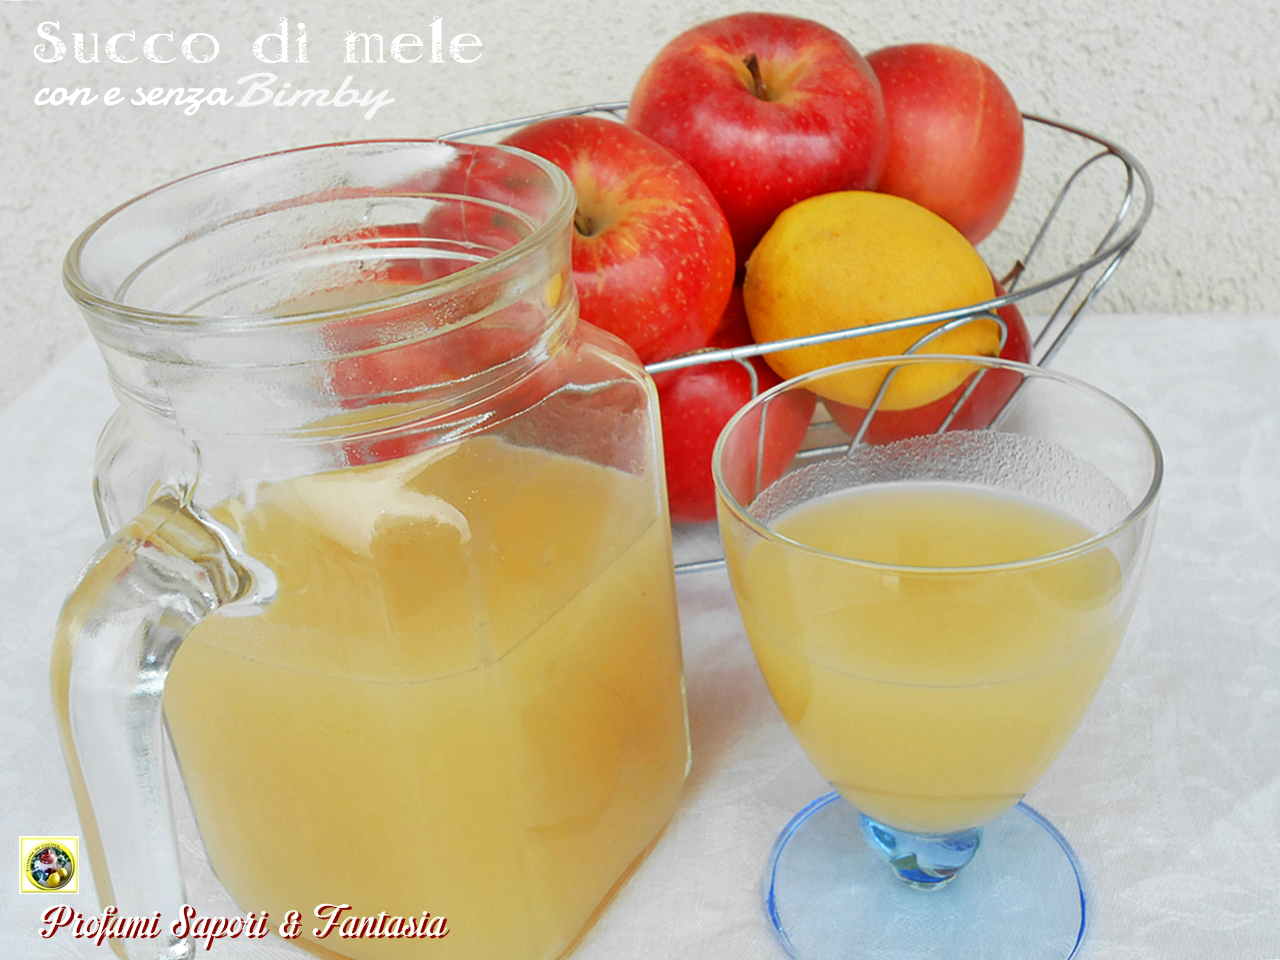 Succo di mele fatto in casa con e senza Bimby Blog Profumi Sapori & Fantasia